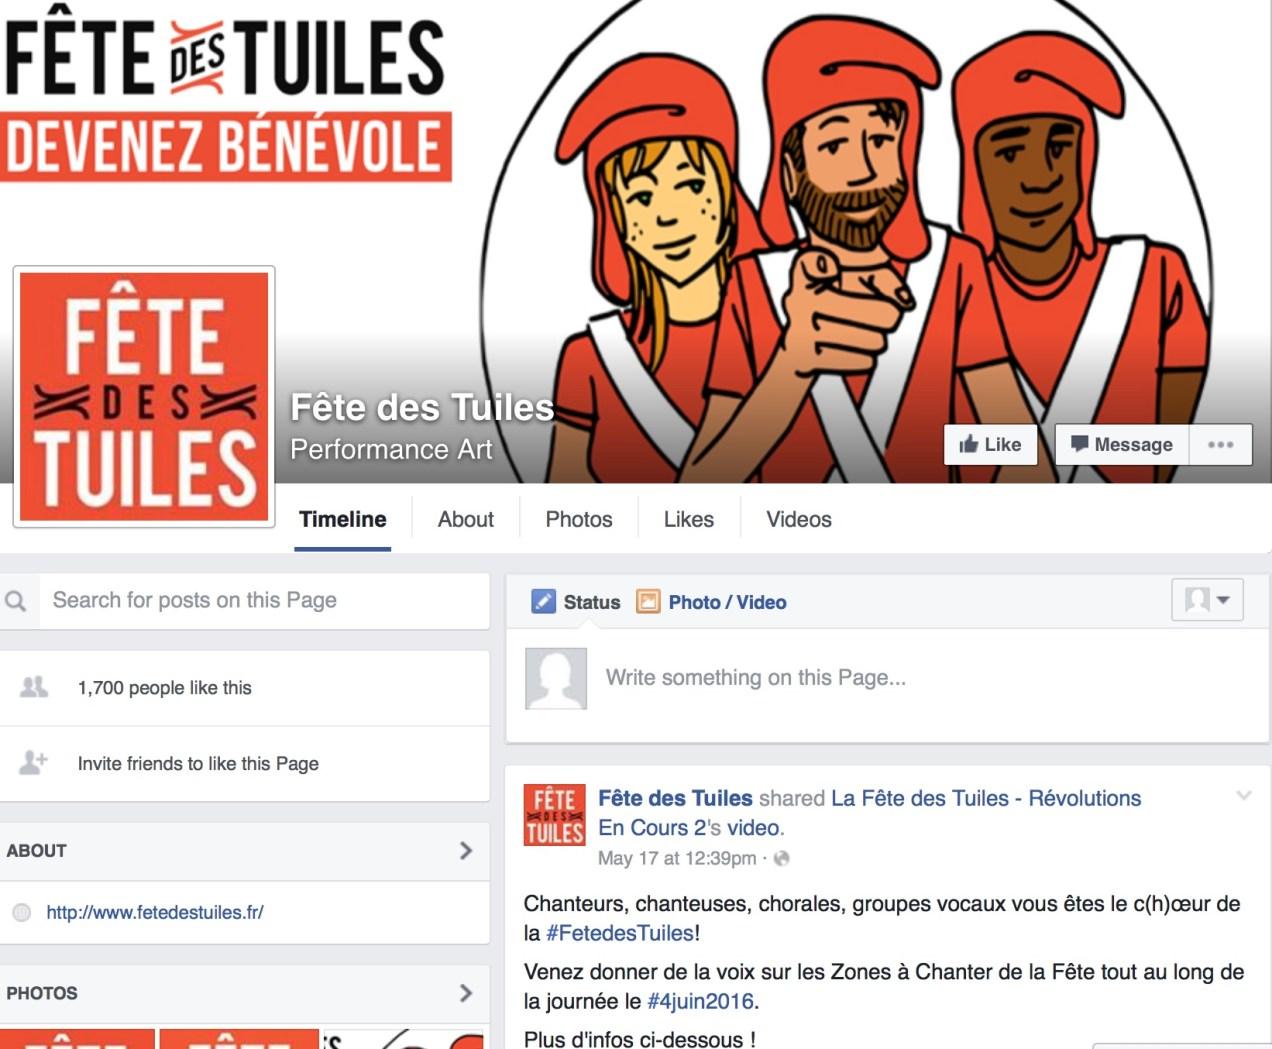 Fete Des Tuiles 2016: FB